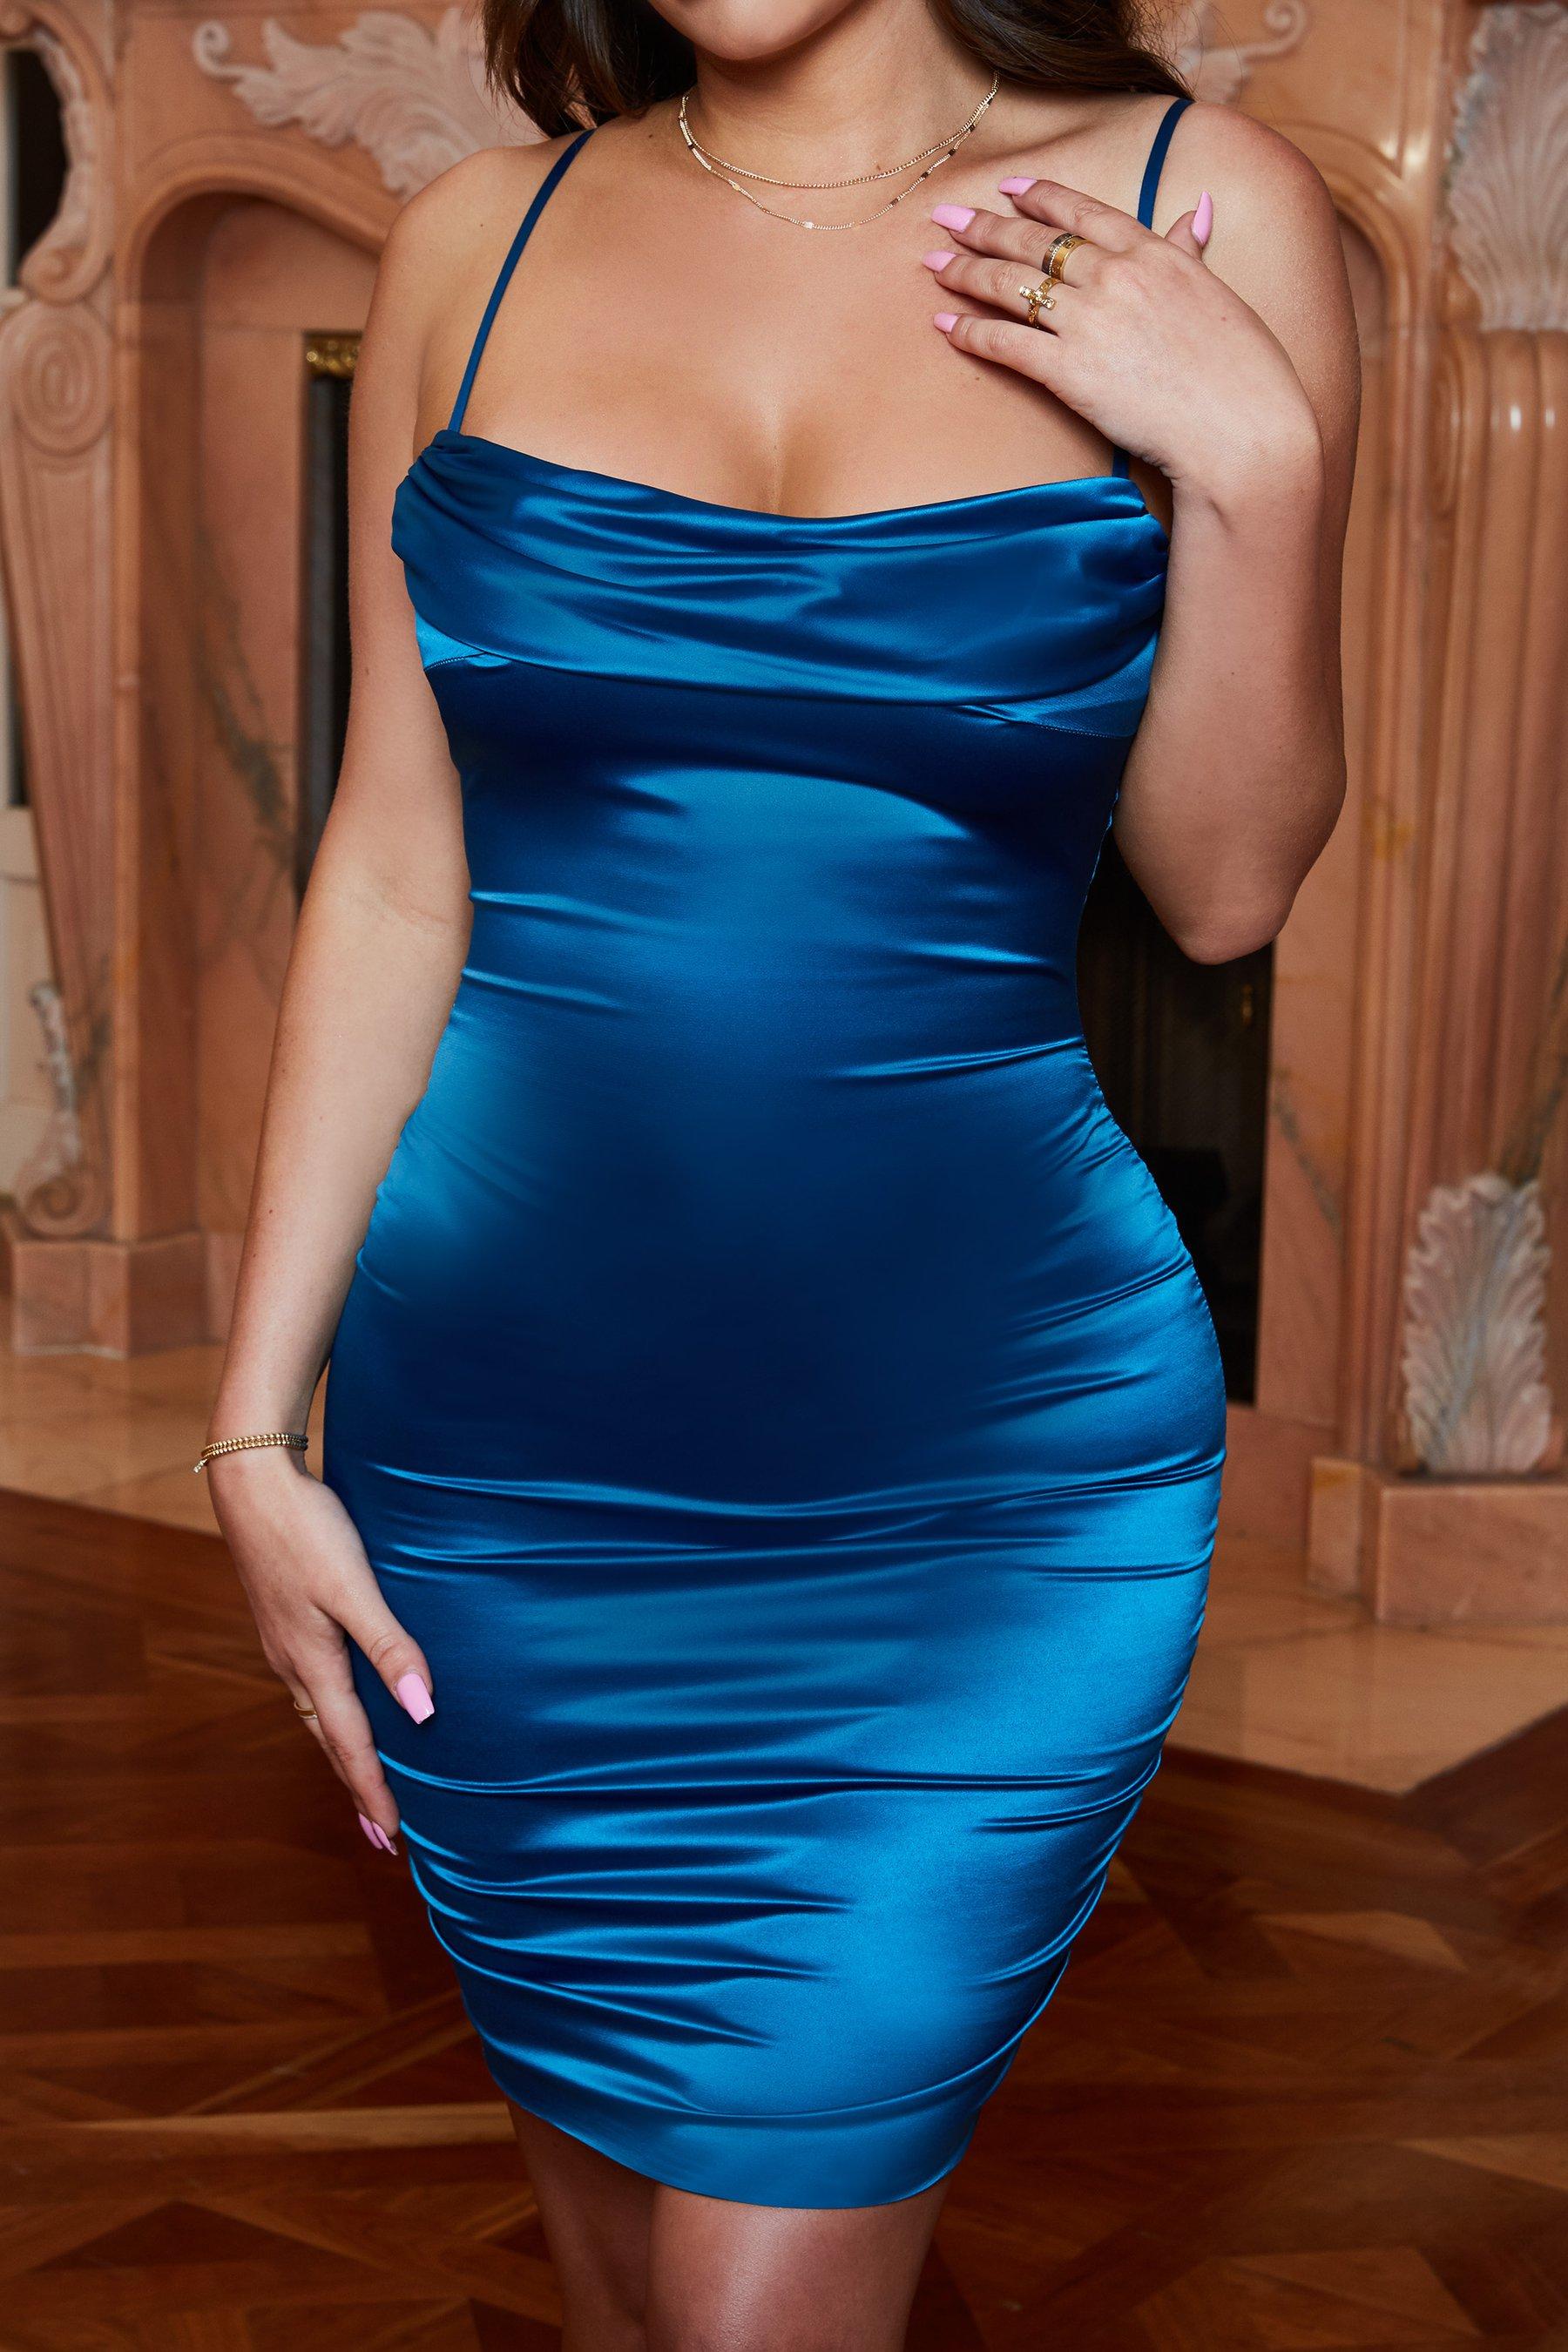 فستان سهرة حملات باللون التركواز الازرق الغامق P_151017